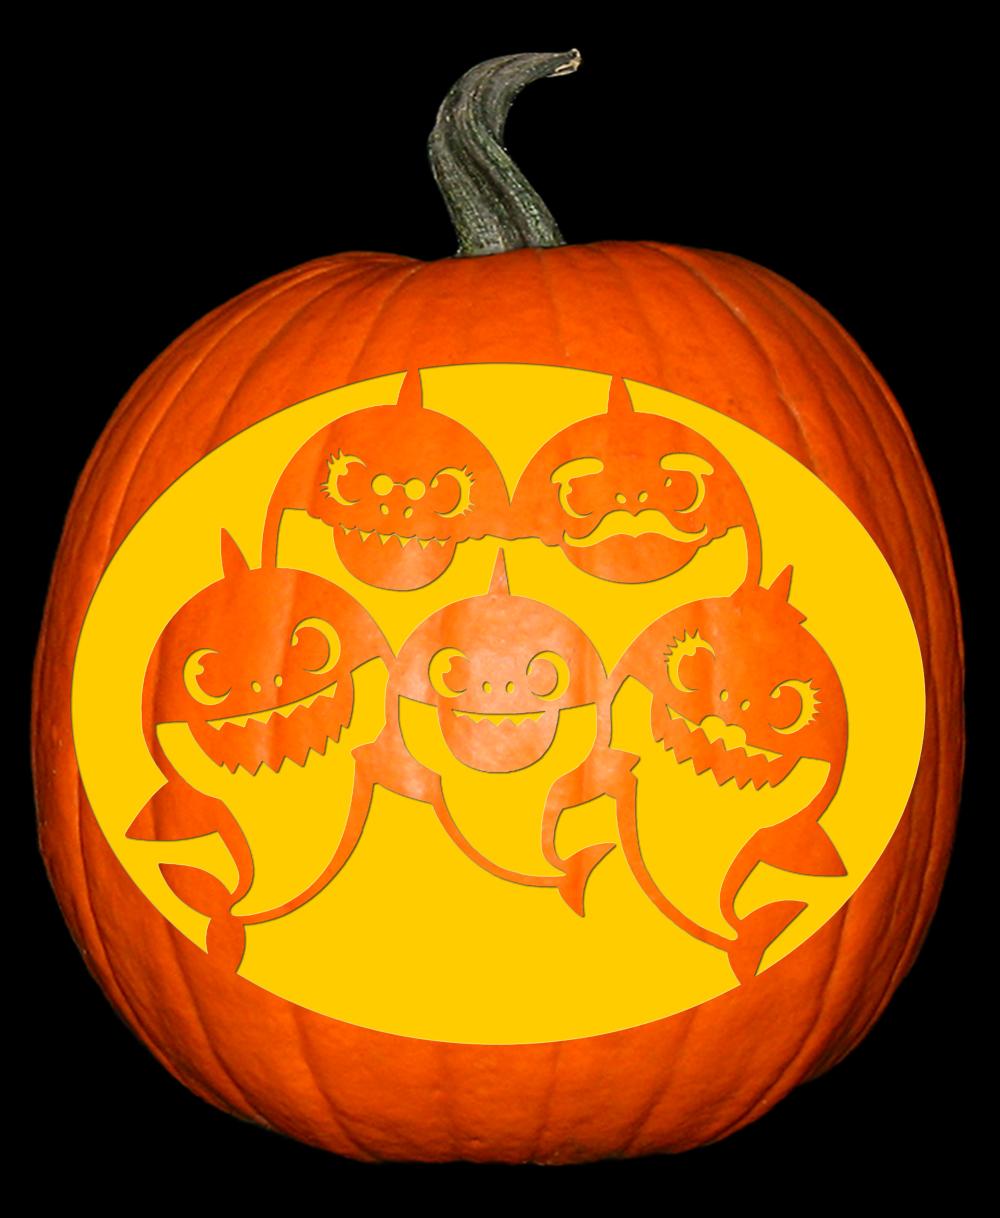 baby shark pumpkin - Google Search   Pumpkin carving ...